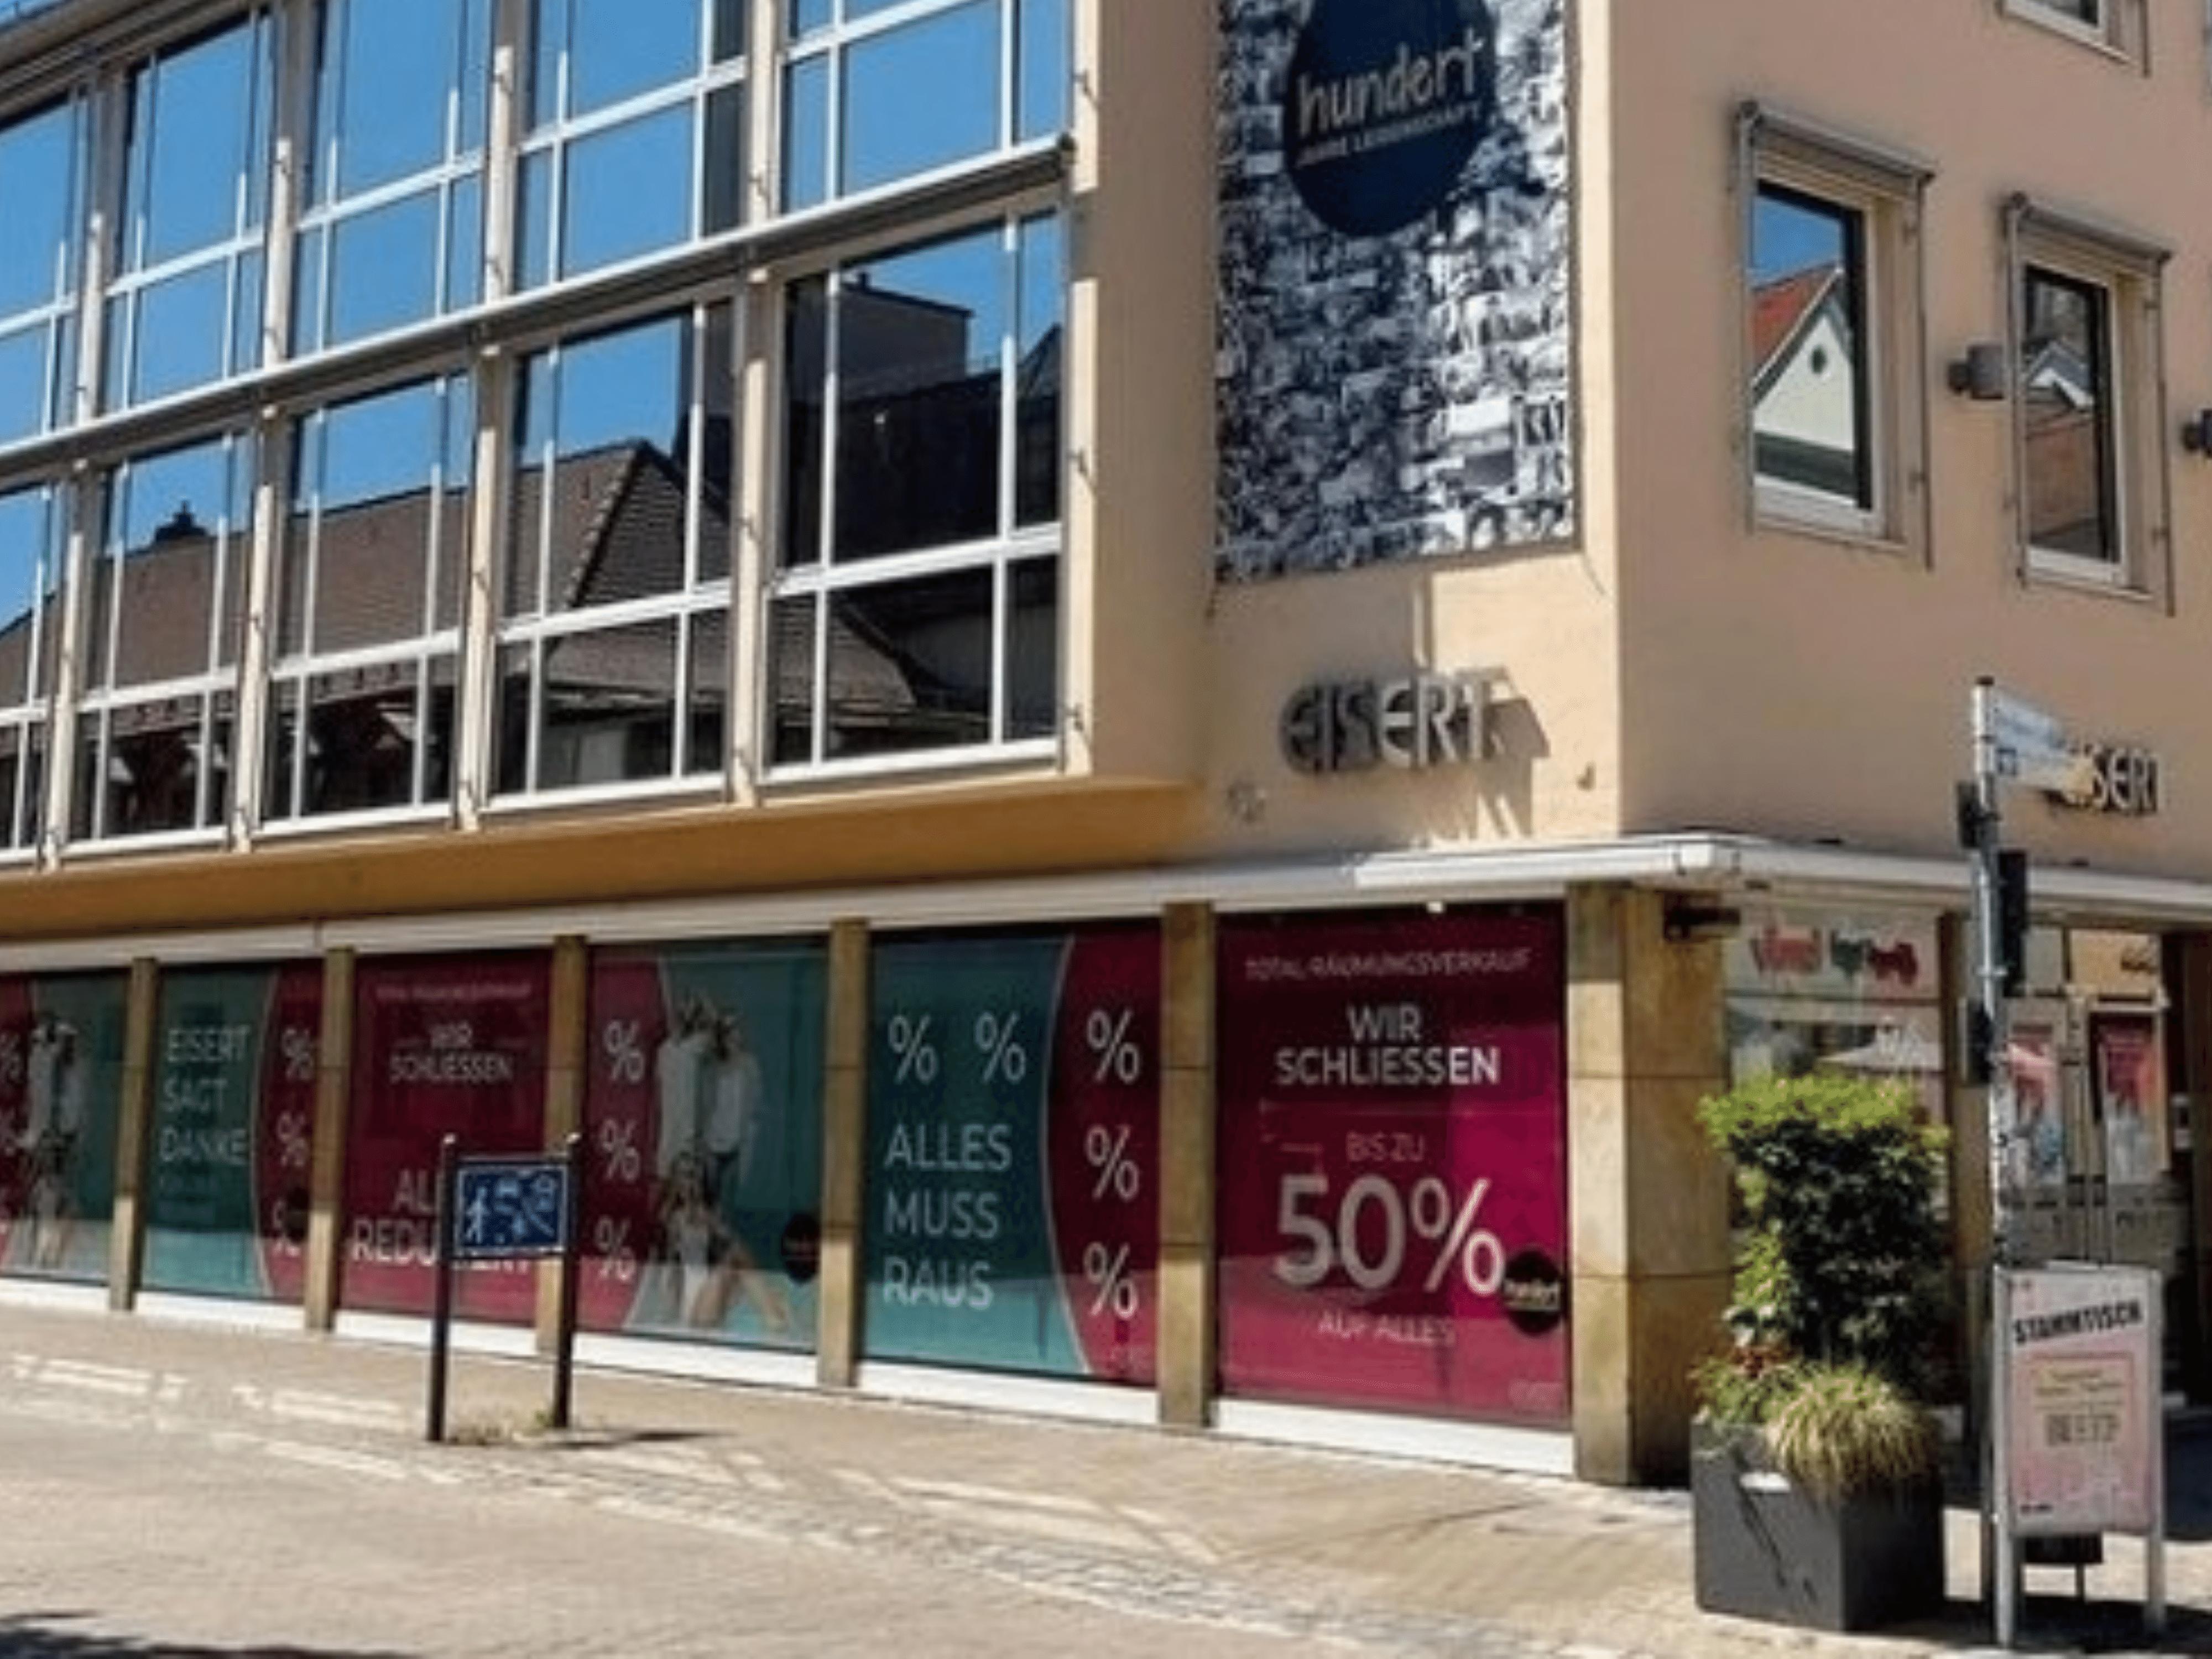 SIGG Zeit zum Handeln Räumungsverkauf Geschäftsaufgabe Schließung Fassade Schaufenster